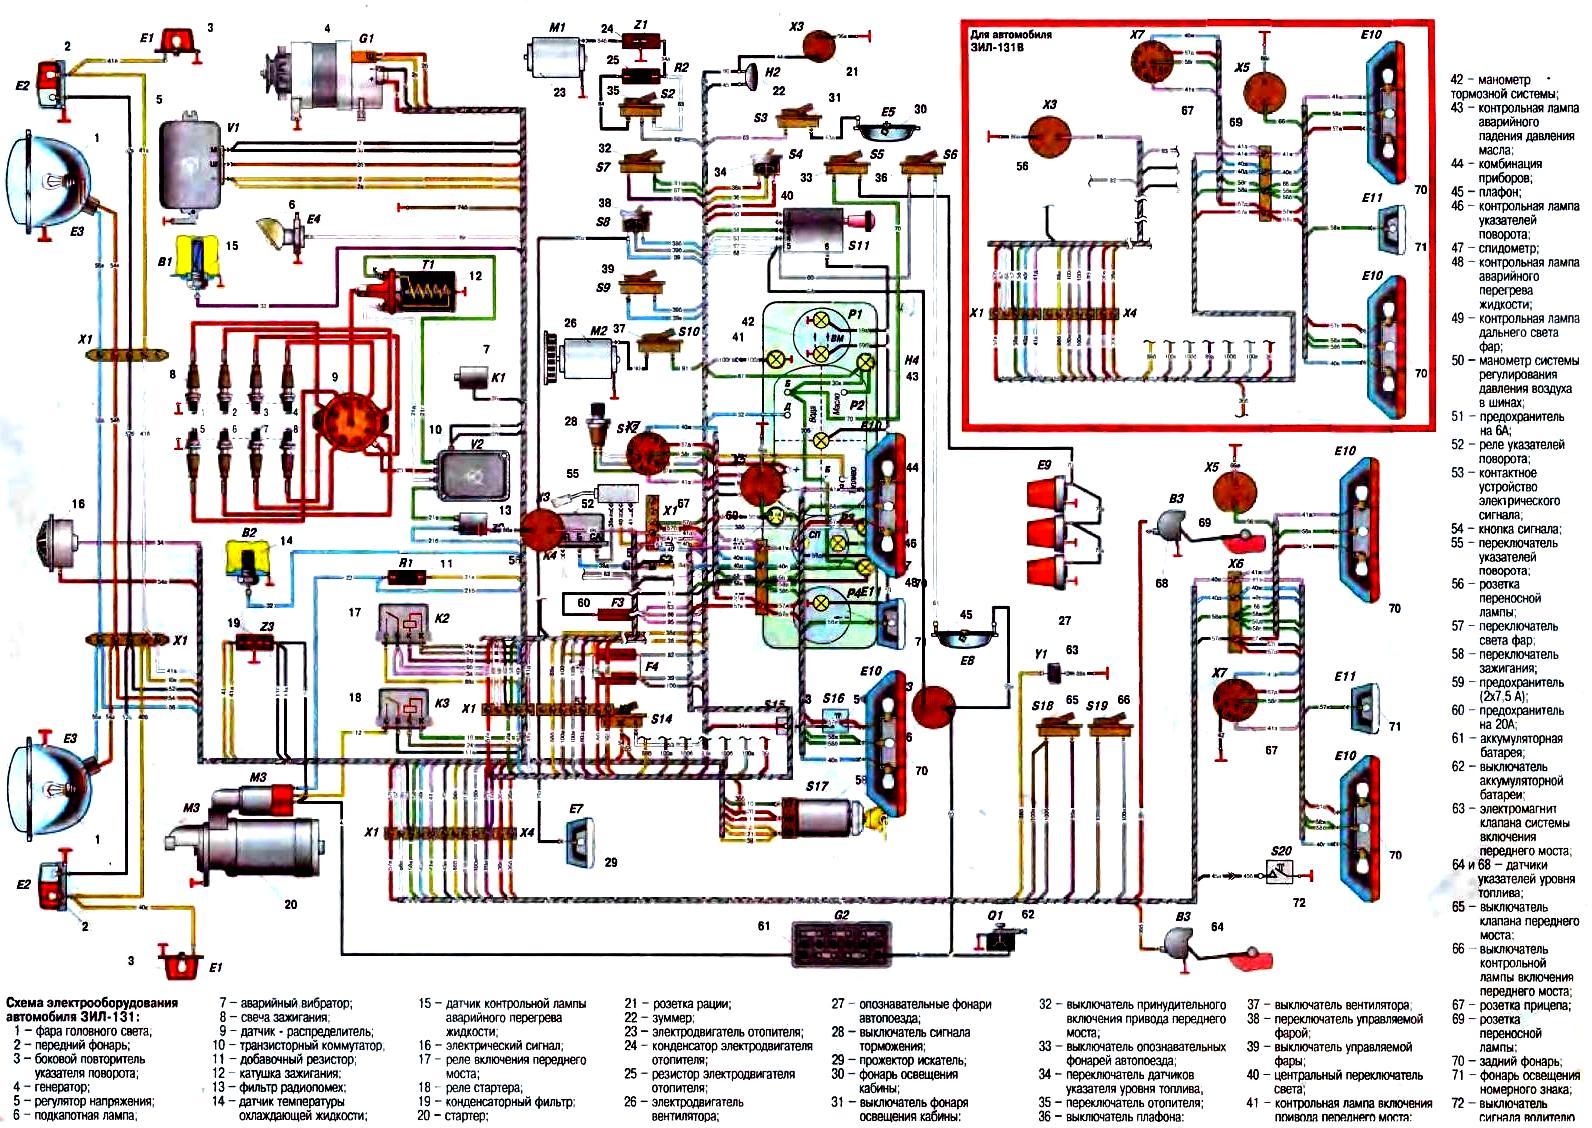 Монтажная схема газ 66